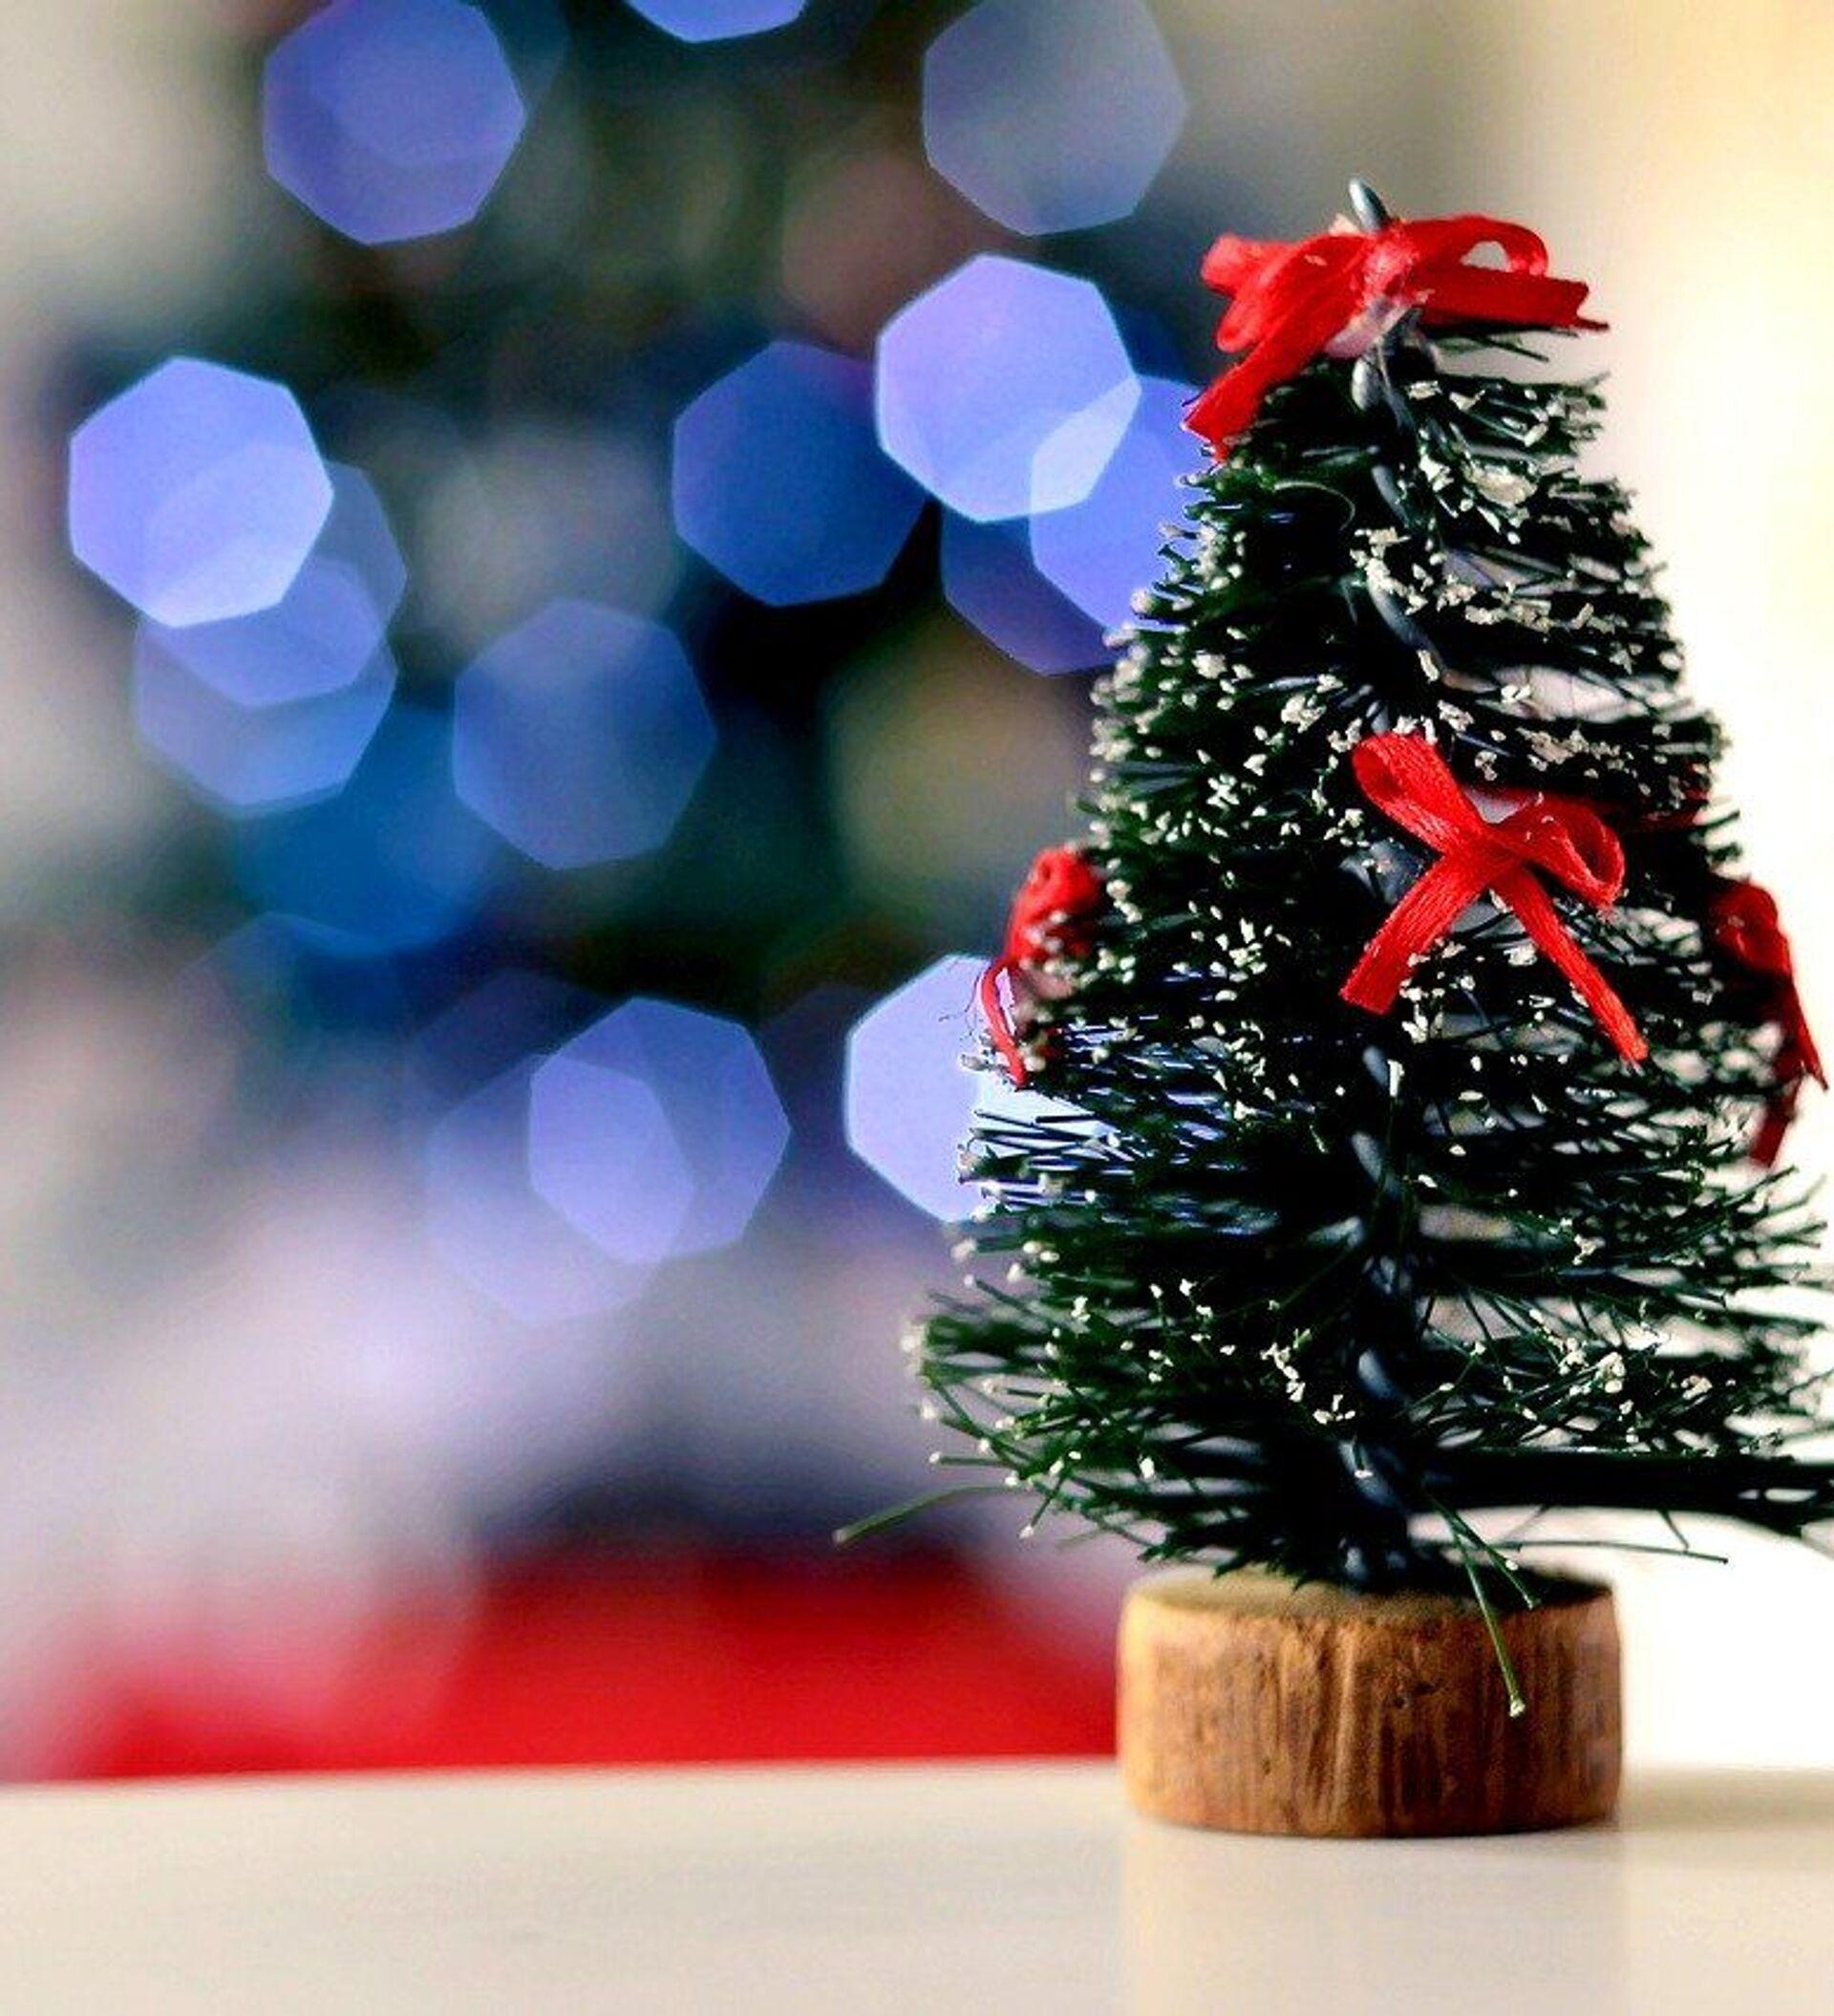 Buon Natale Italia.I Bonus Di Natale Sono In Arrivo Ecco Come Averli 20 11 2020 Sputnik Italia